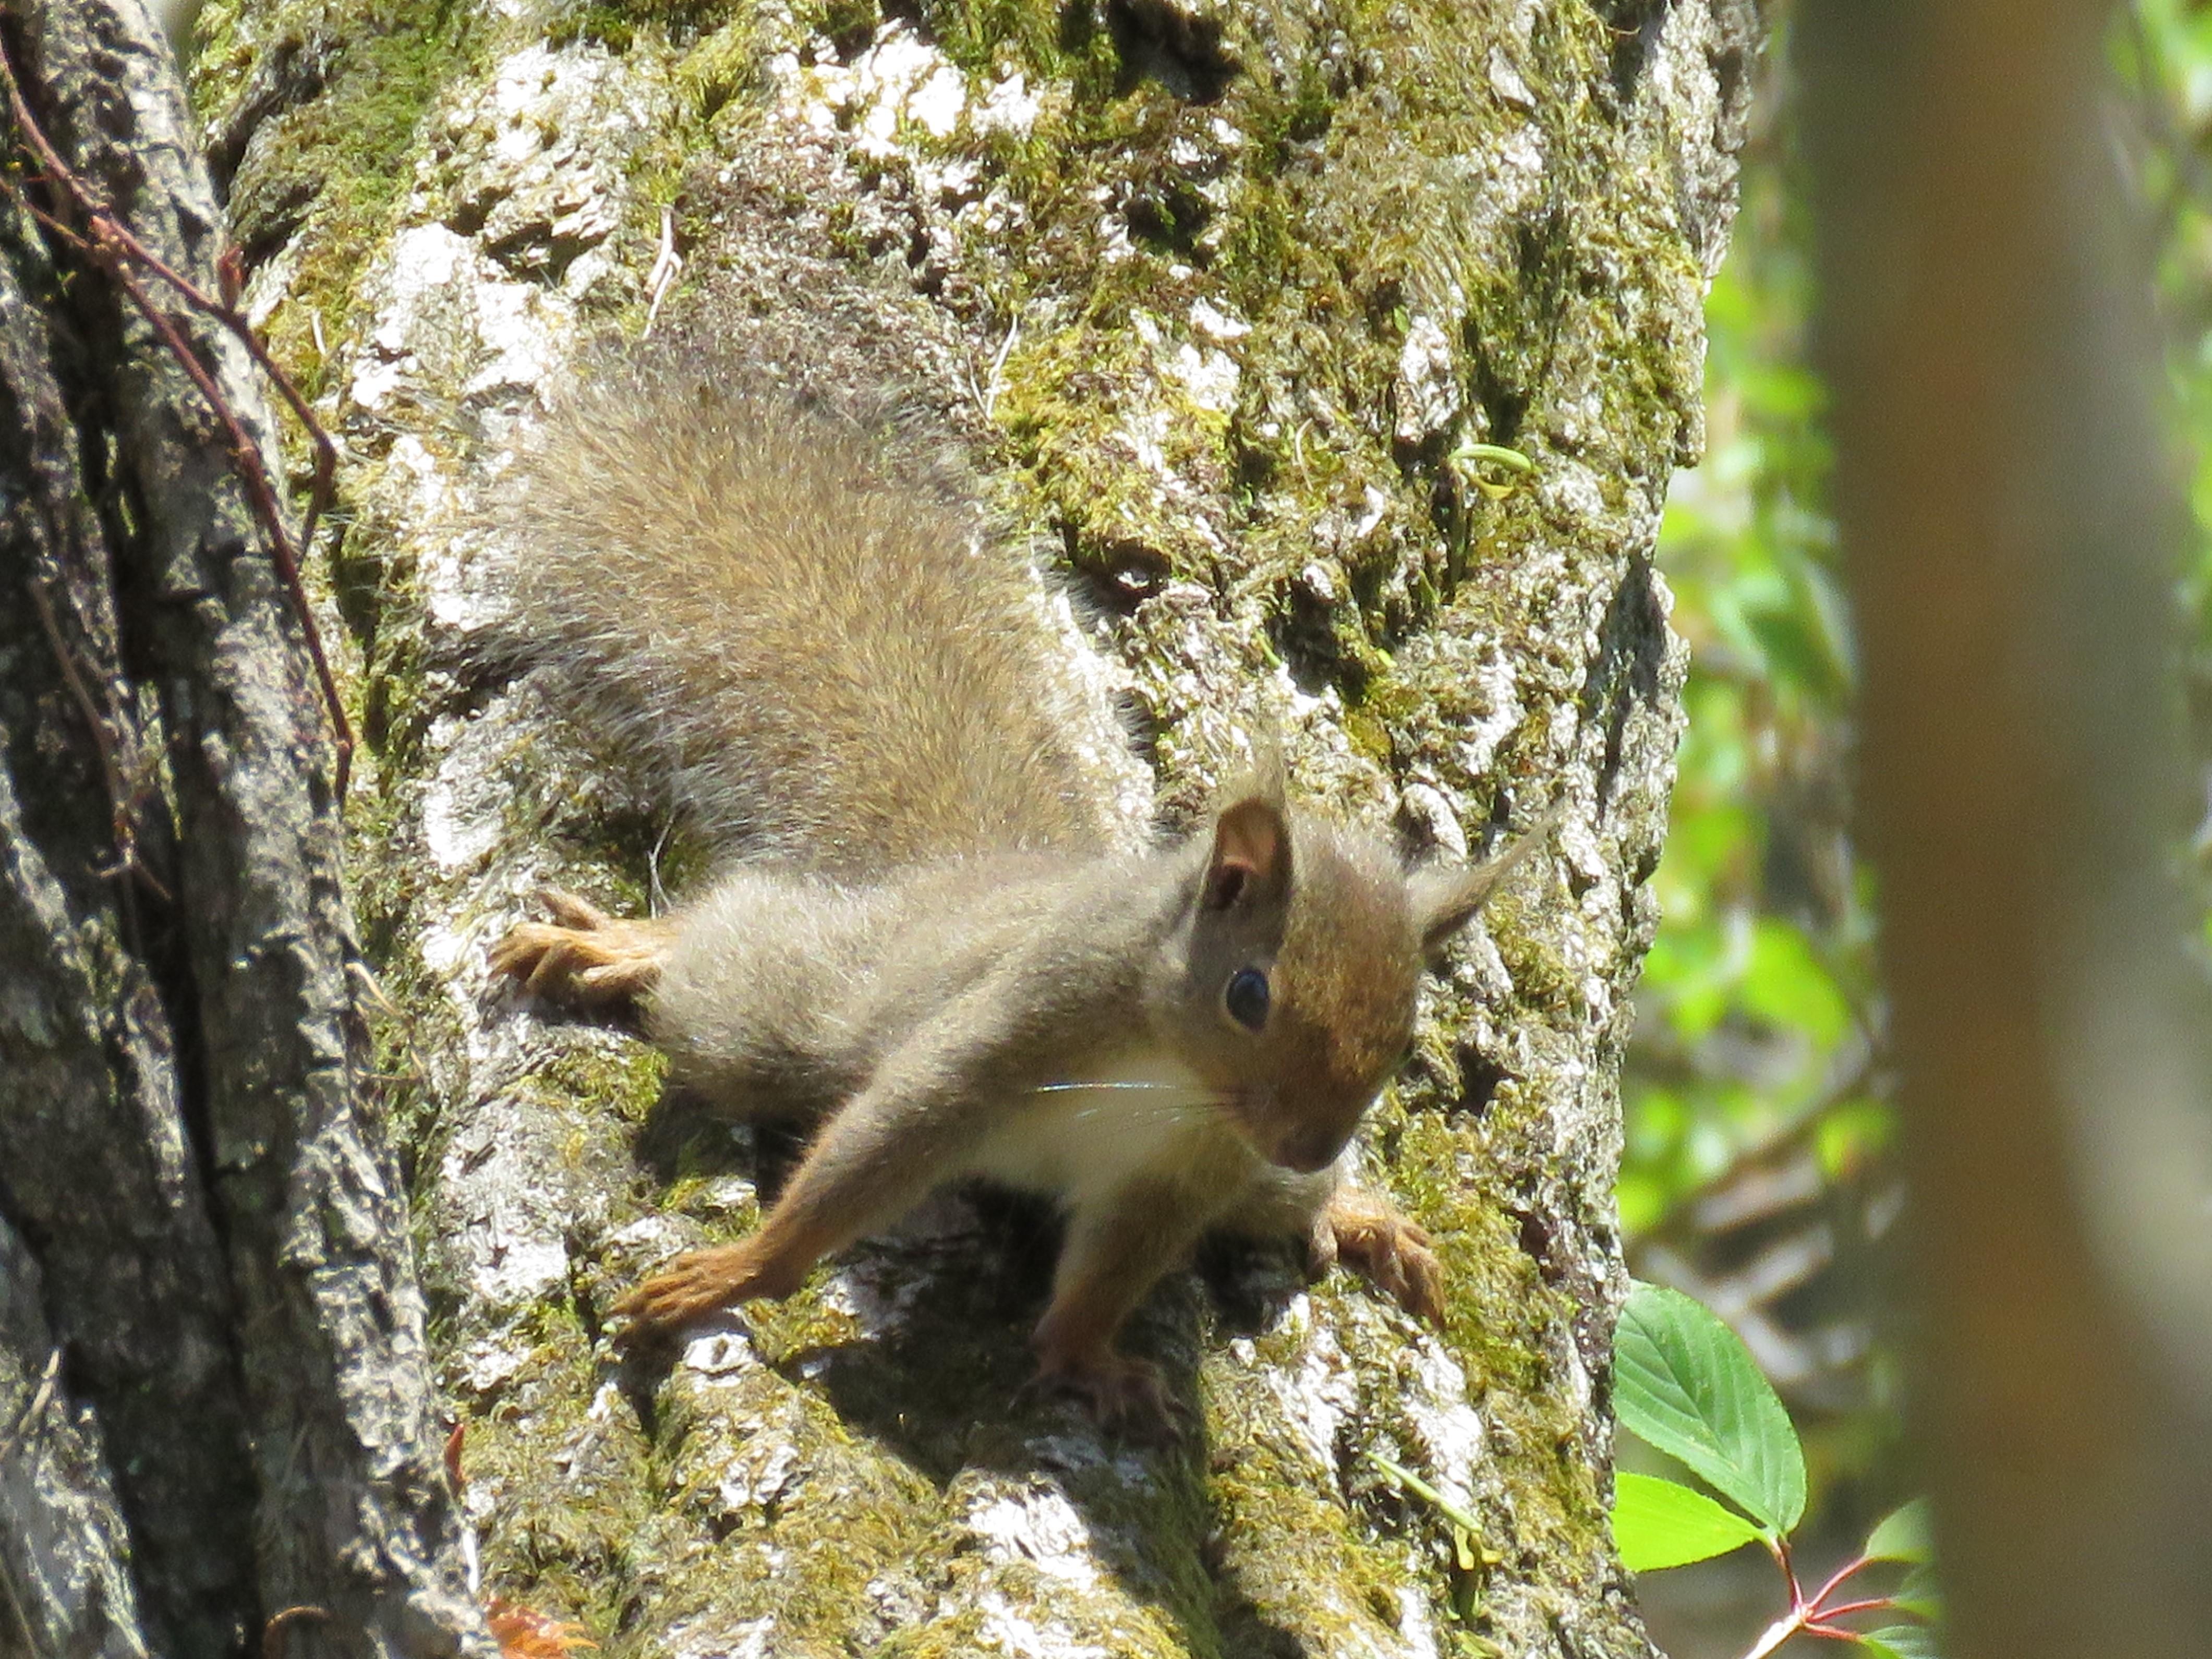 9神戸森林植物園でニホンリス